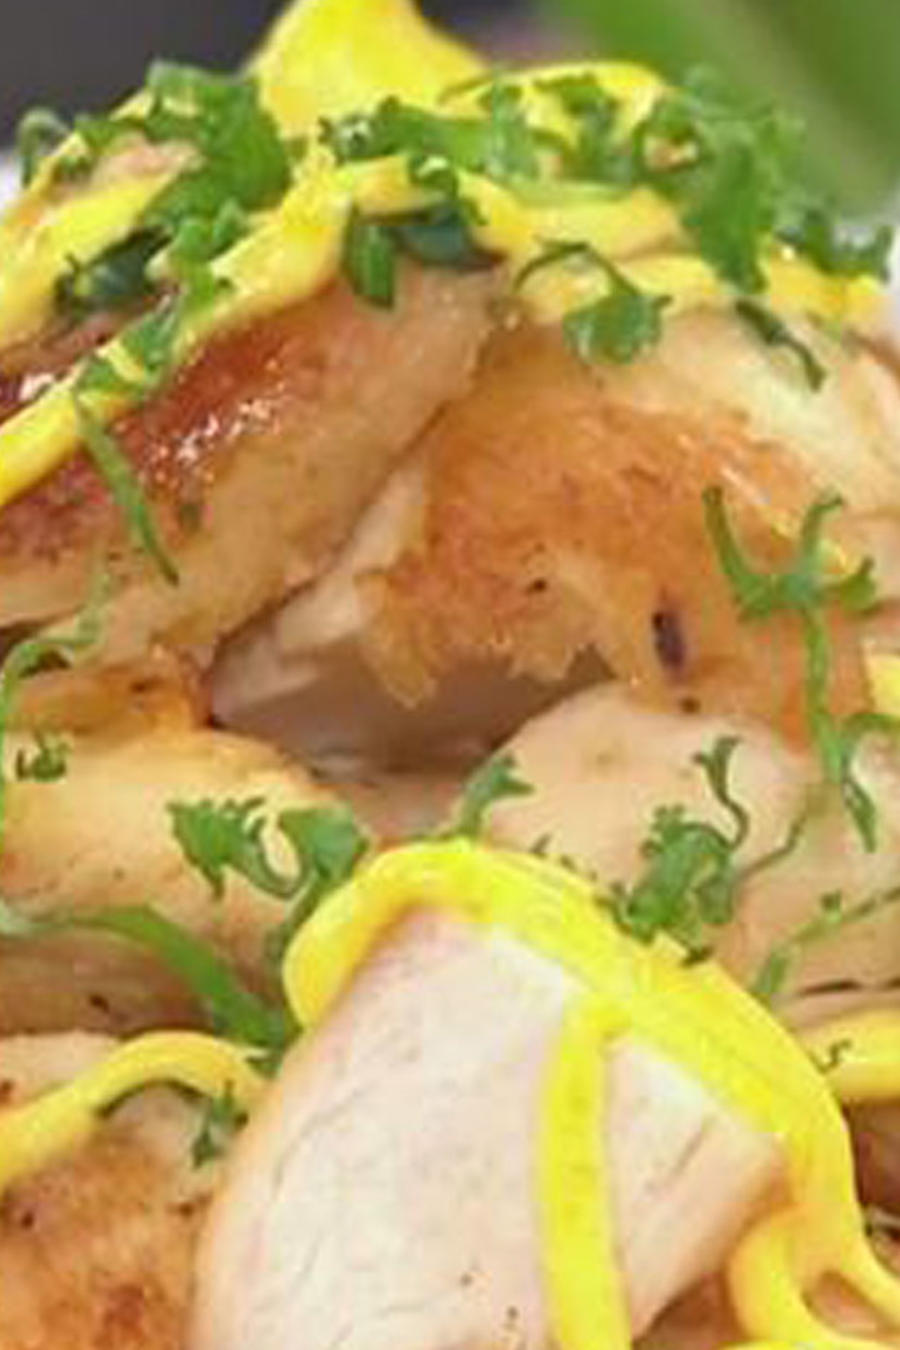 Receta de cocina: Salteado de pollo con mayonesa cítrica